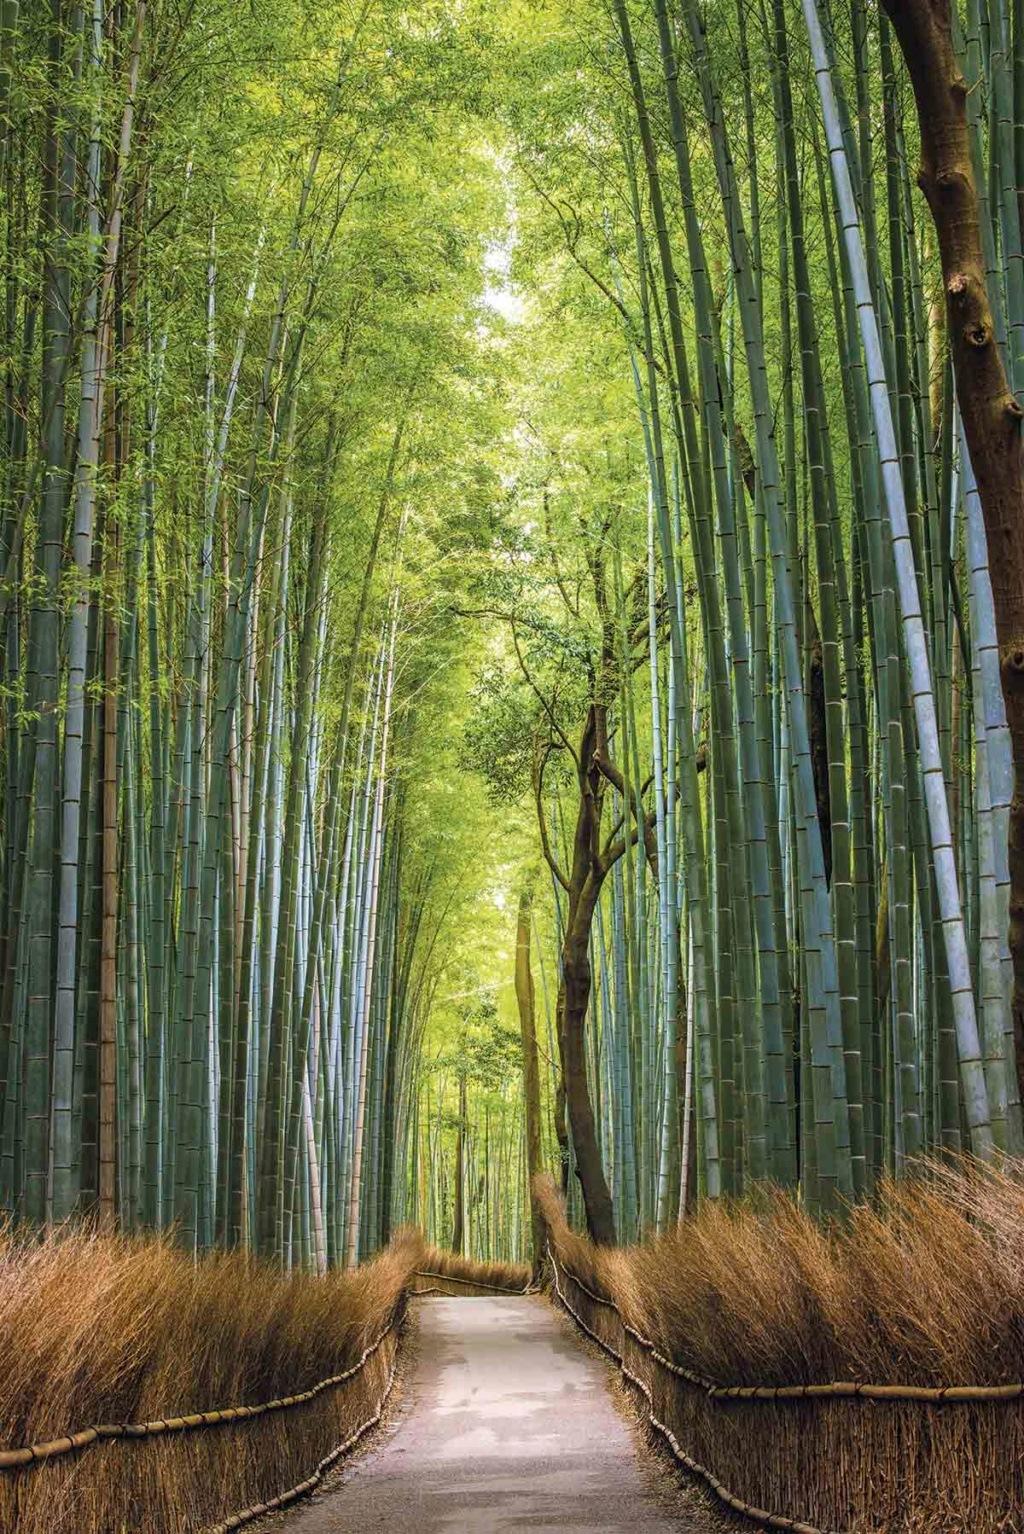 Recomendaciones TOKYO, JAPÓN - Página 15 Bambu10